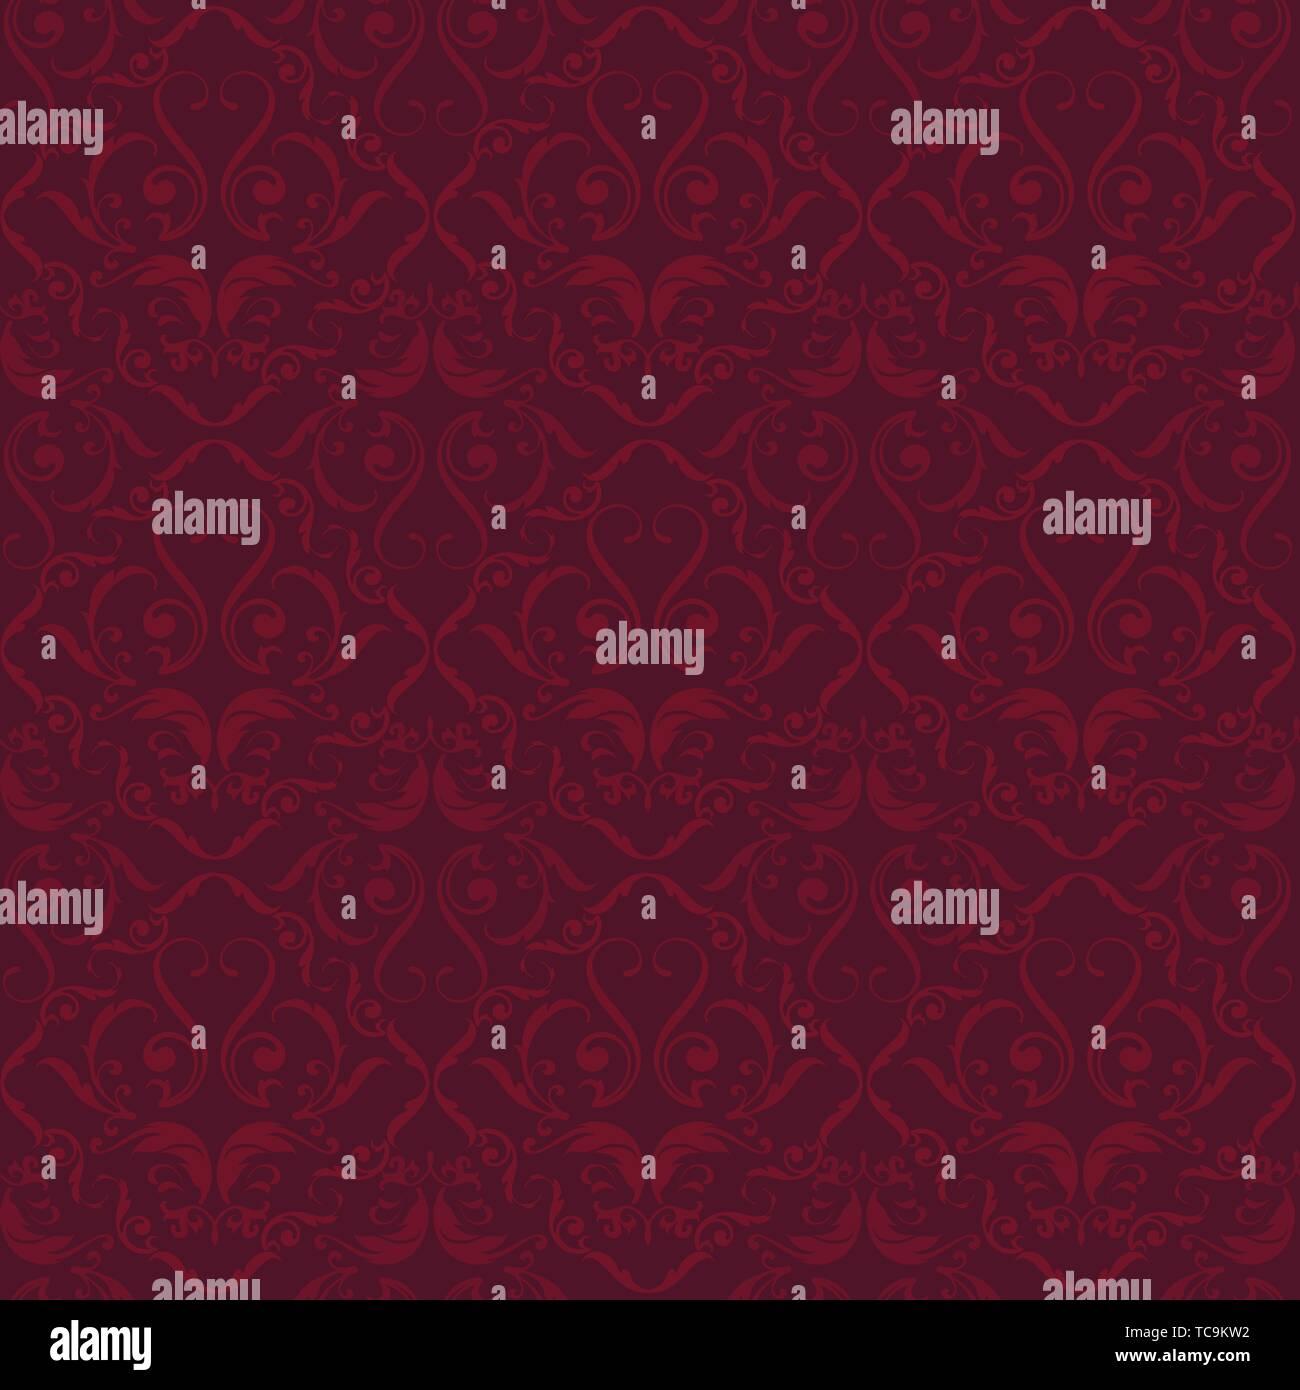 Illustrazione Vettoriale. Velluto rosso fiorire ornate seamless sfondo. Stile semplice. Immagini Stock